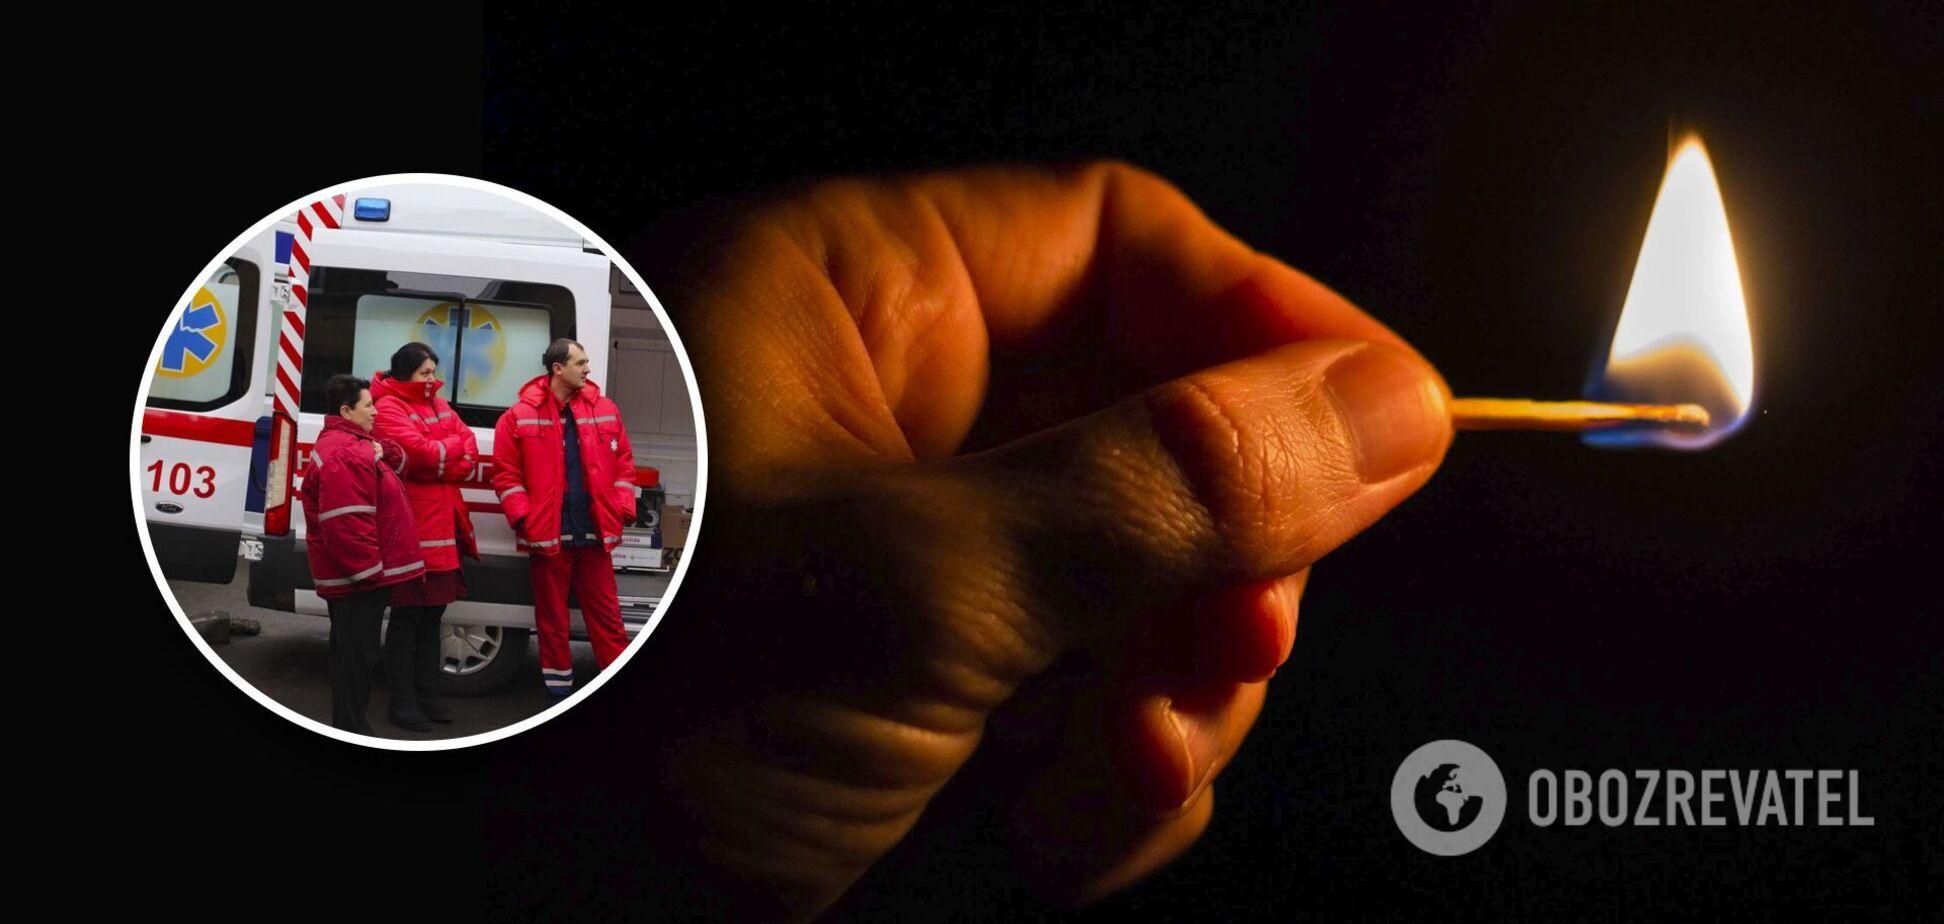 На Тернопільщині чоловік влаштував самопідпал через пенсію: ексклюзивні деталі трагедії